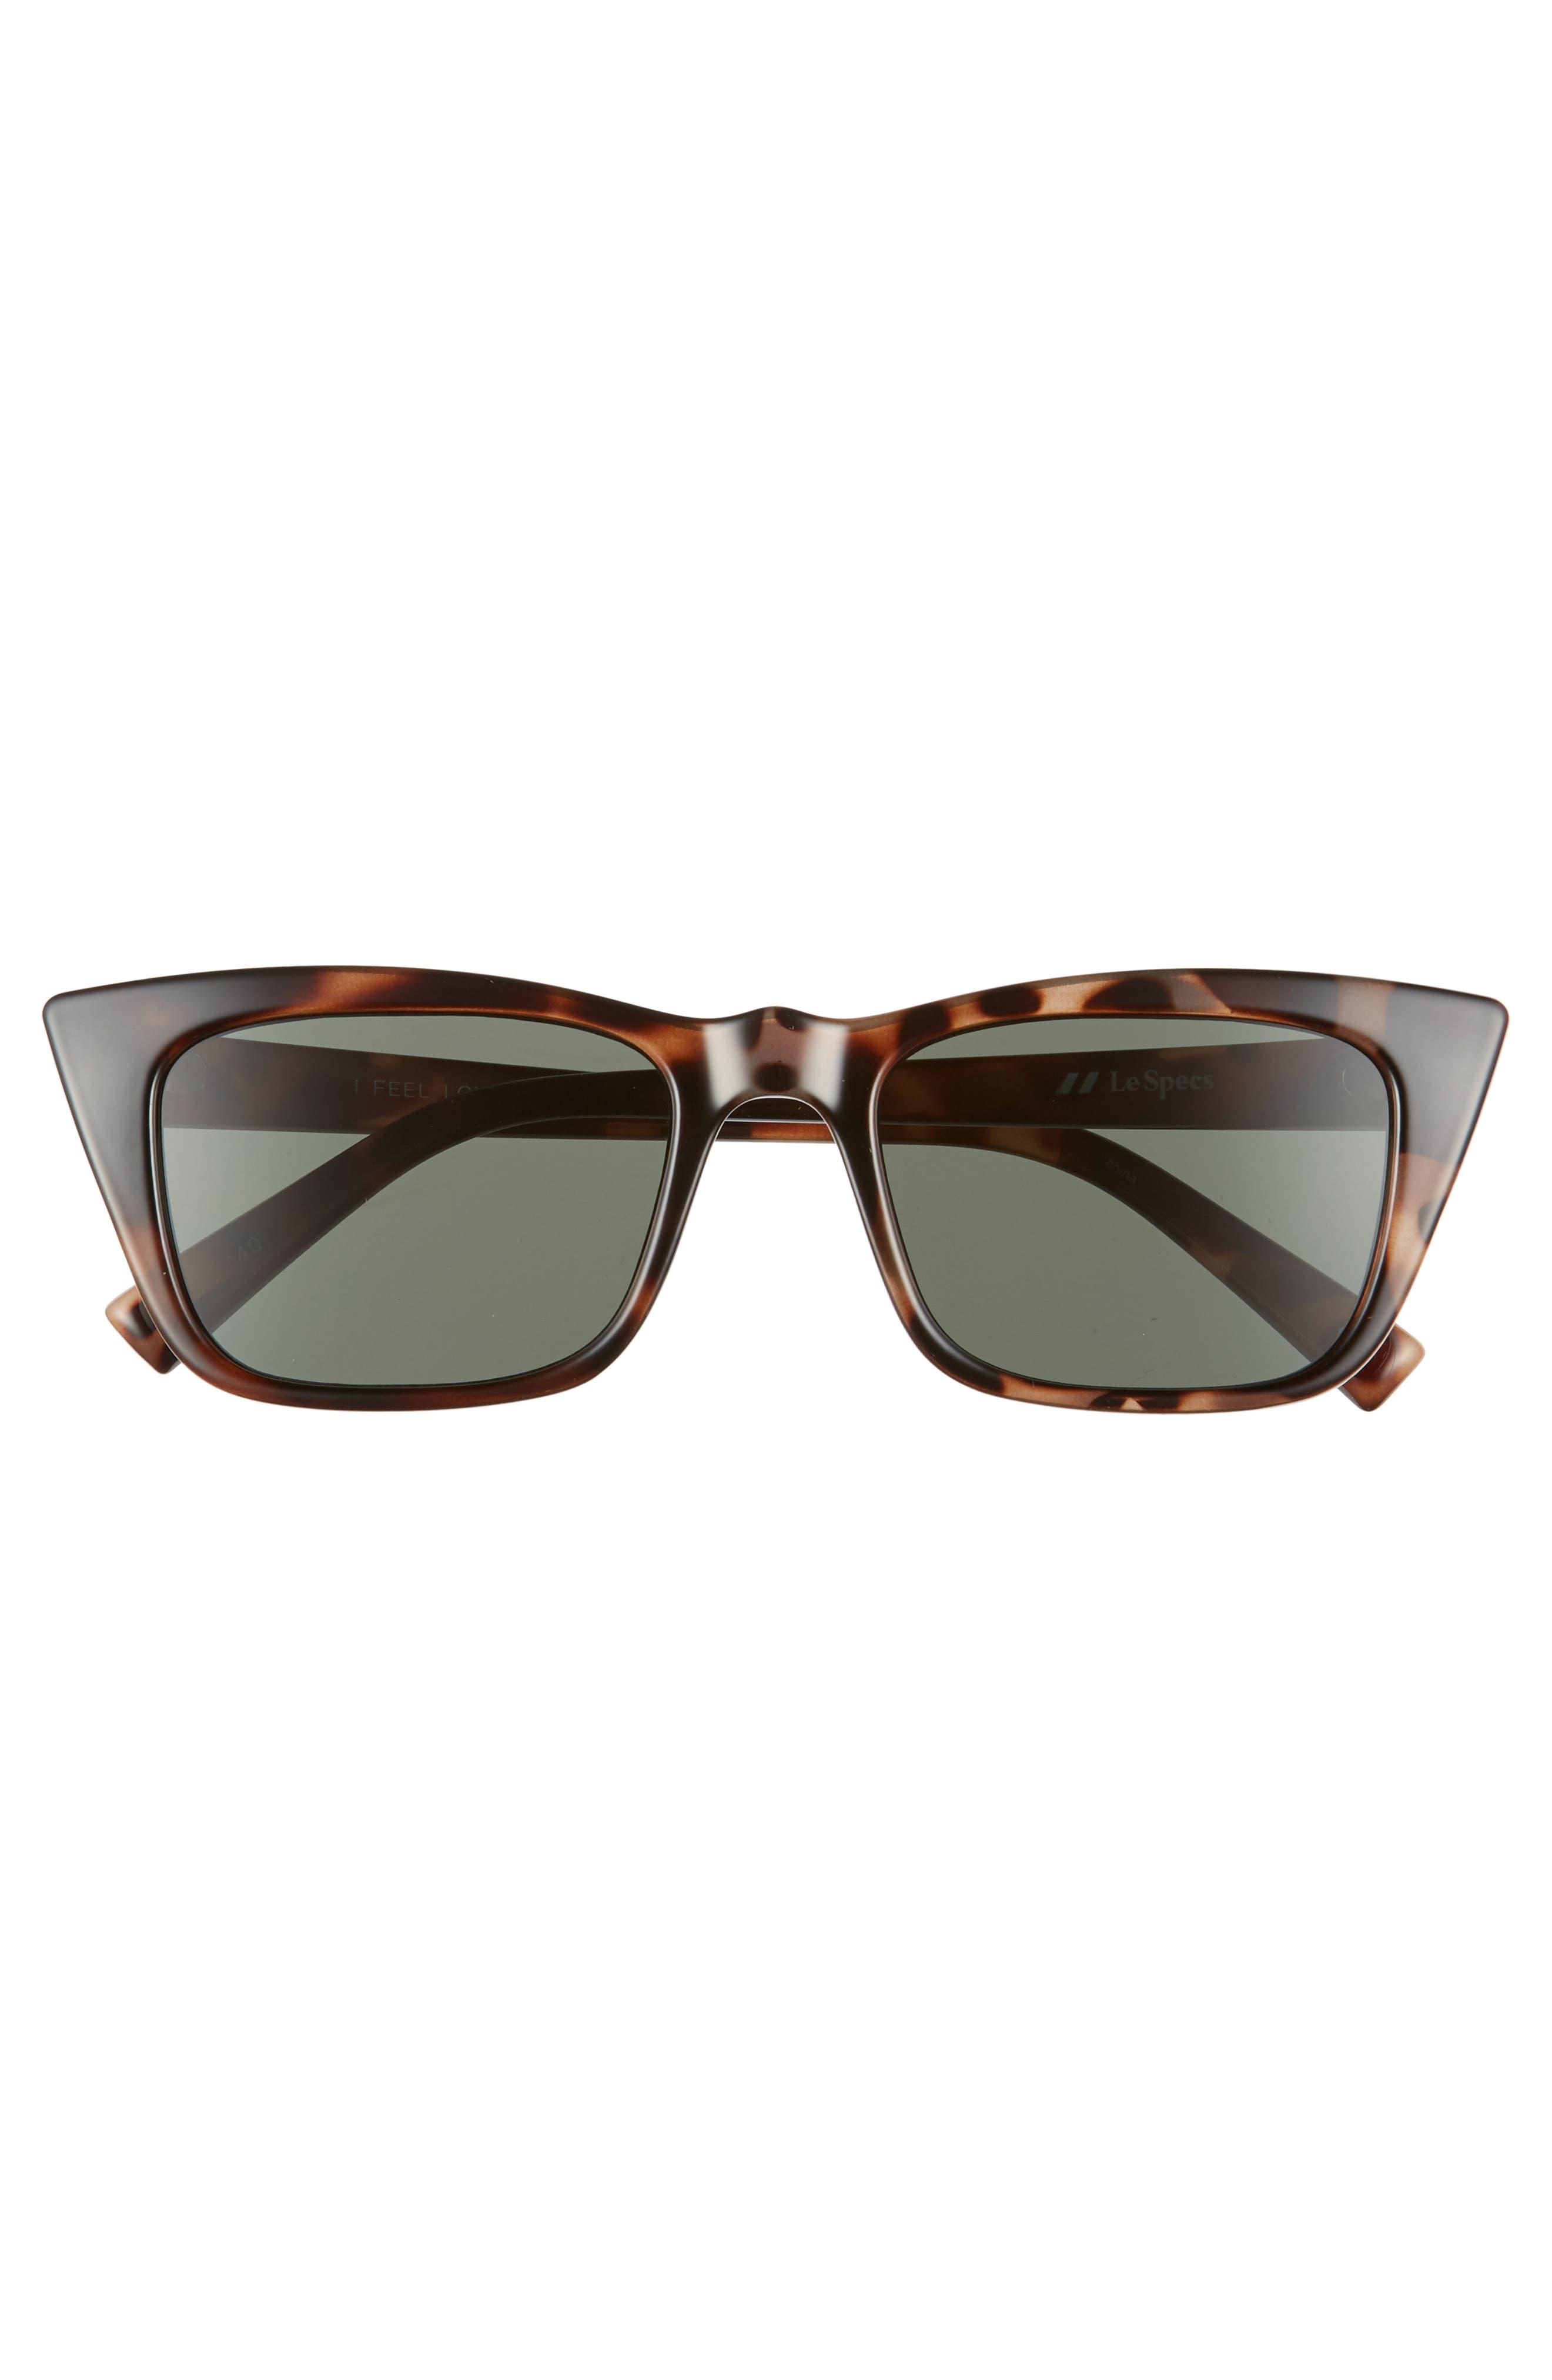 I Feel Love 51mm Cat Eye Sunglasses,                             Alternate thumbnail 3, color,                             VOLCANIC TORTOISE